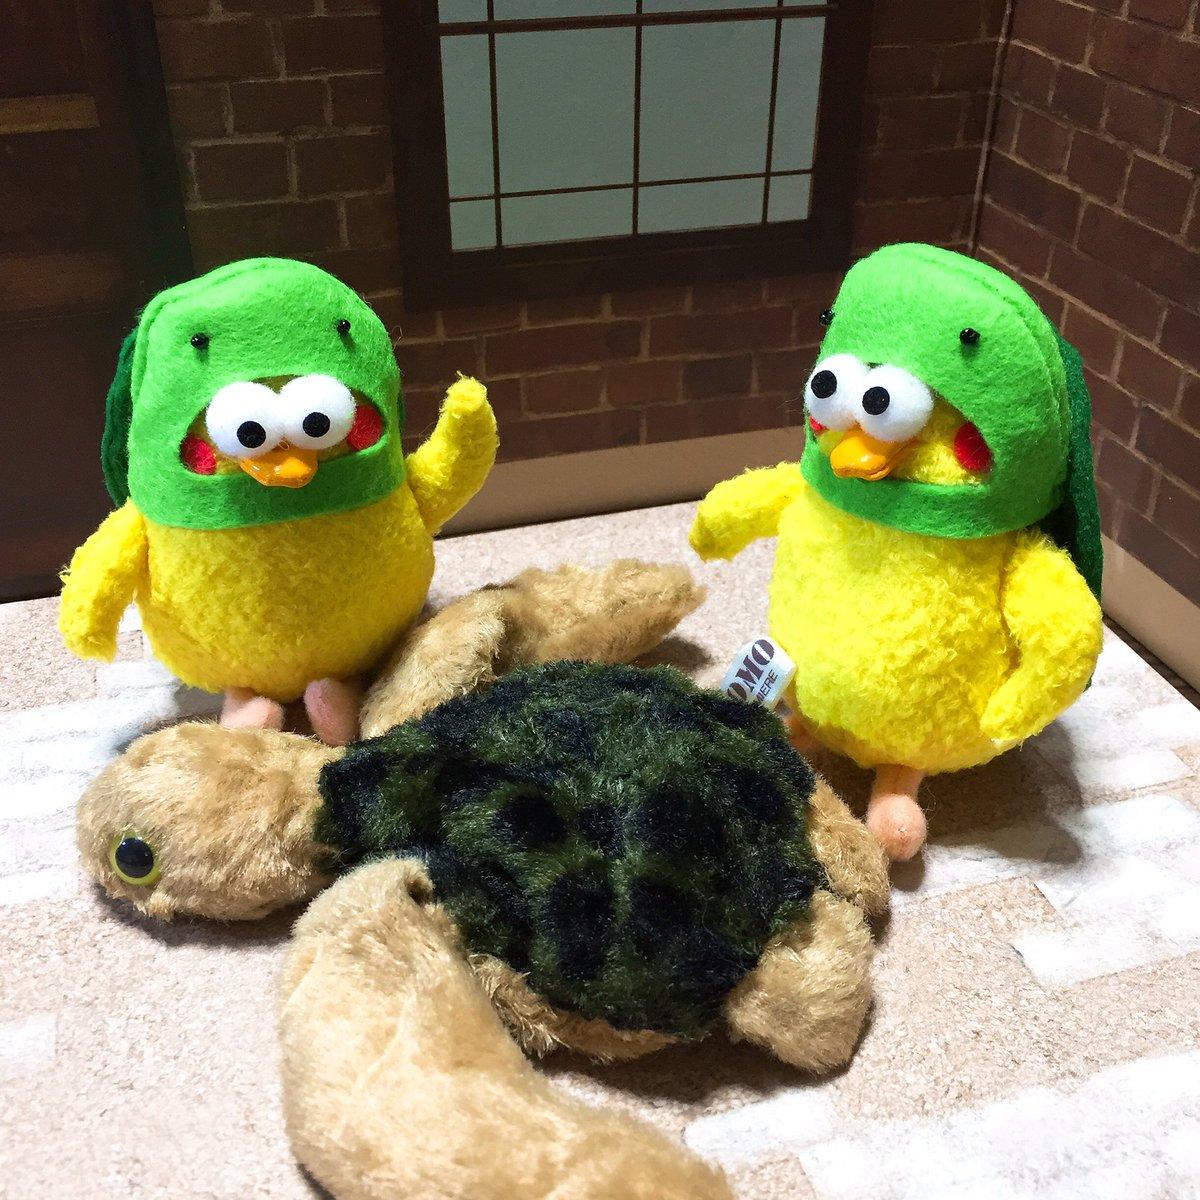 もしもし亀よ〜CMの亀さんコスプレ🐢 ポインコ兄弟